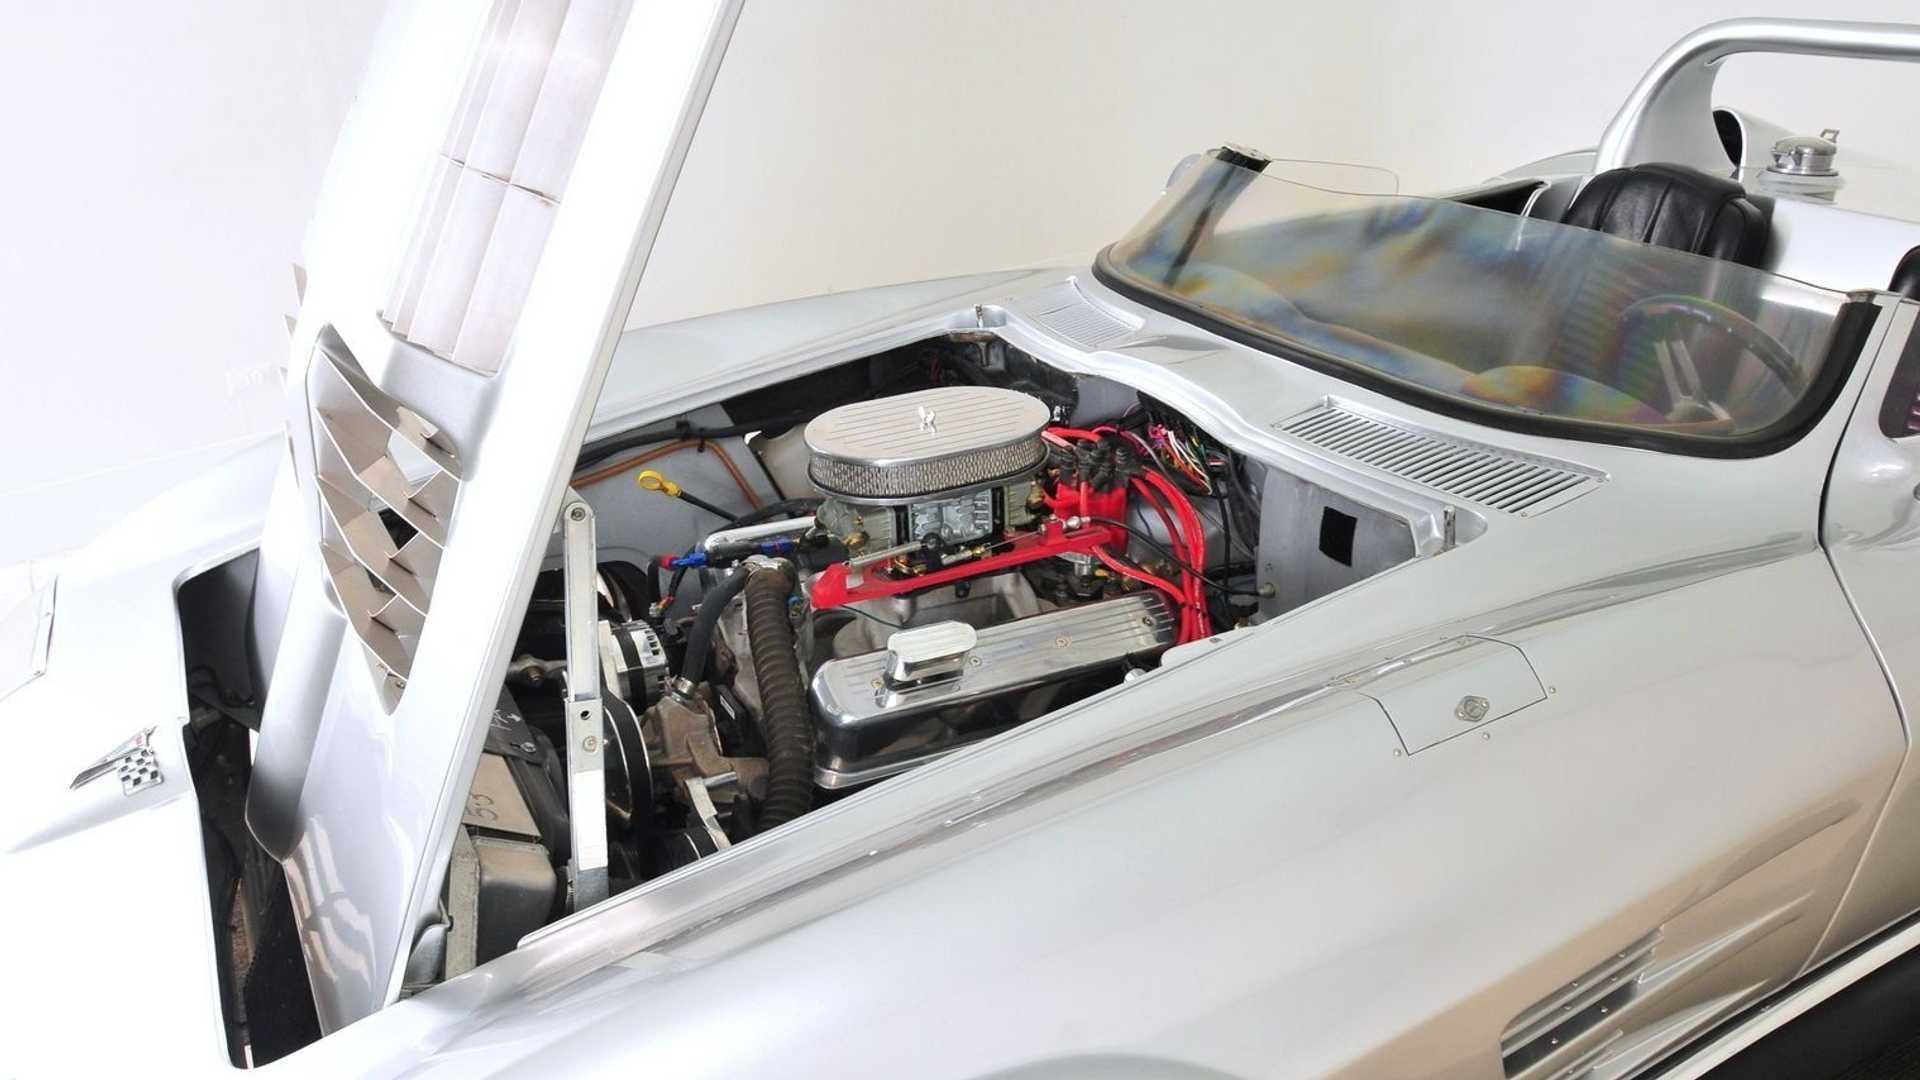 Он оснащен 5,7-литровым 380-сильным двигателем V8 и автоматической коробкой передач